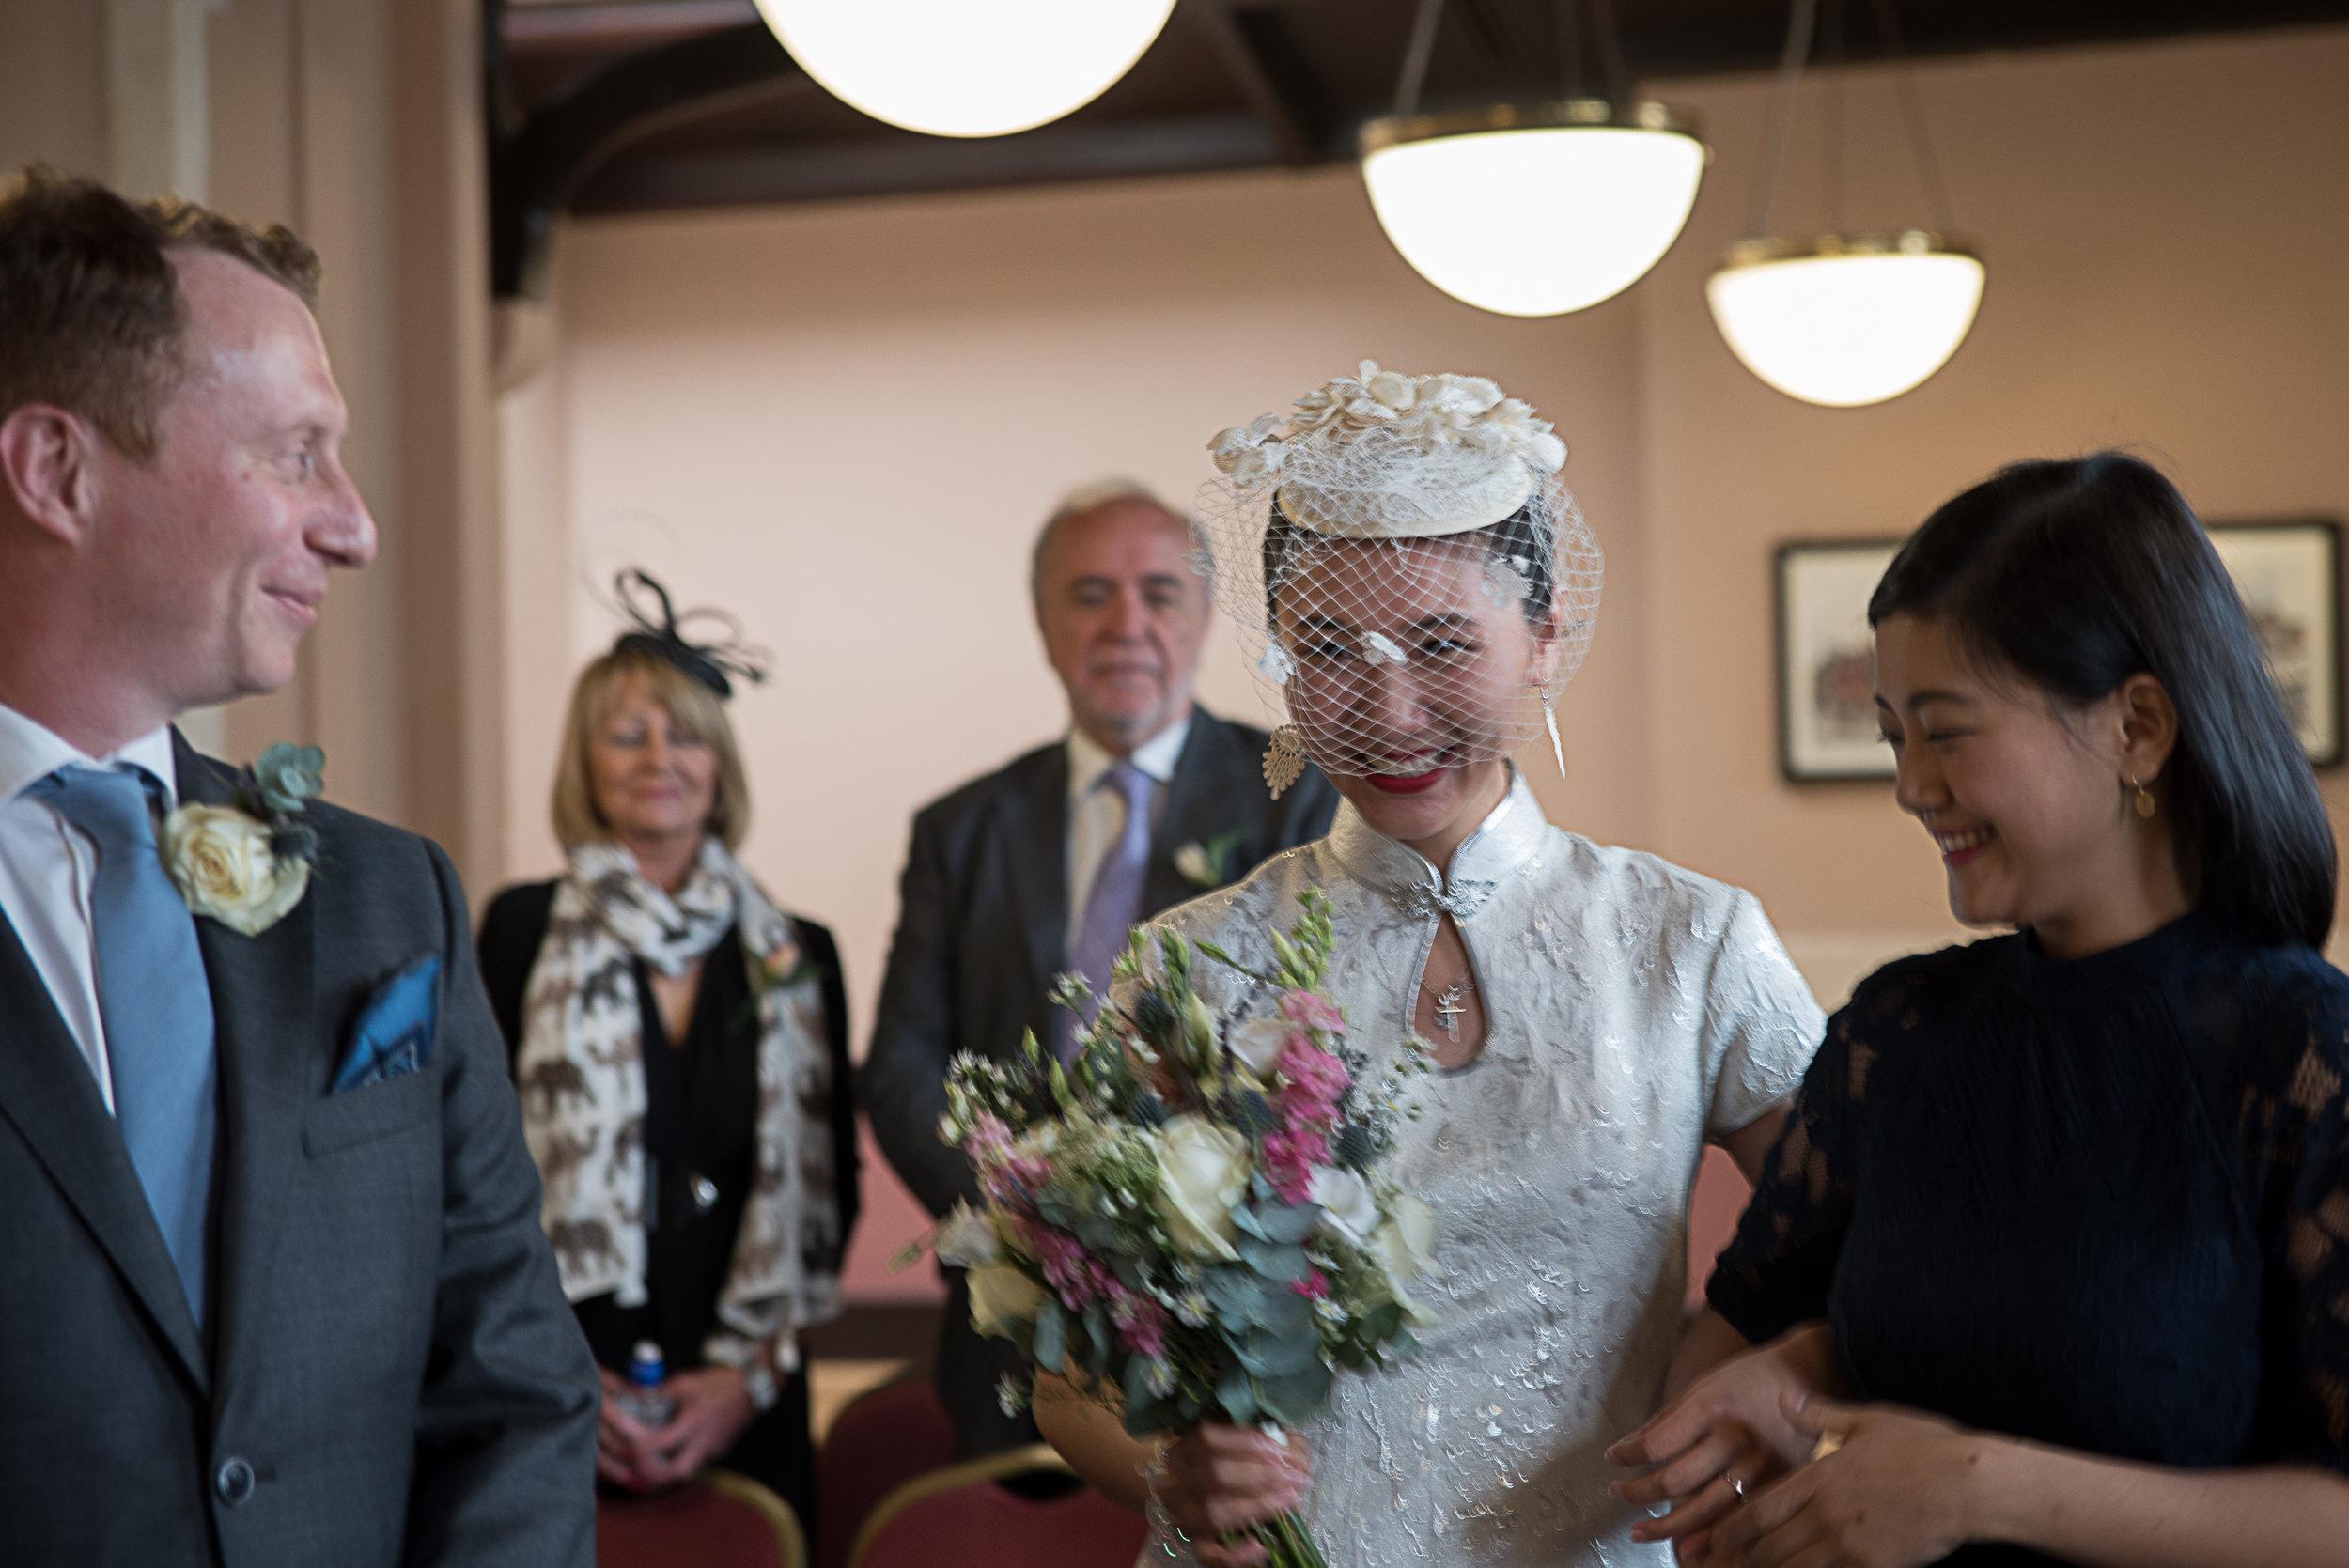 Asian bride walks down the aisle